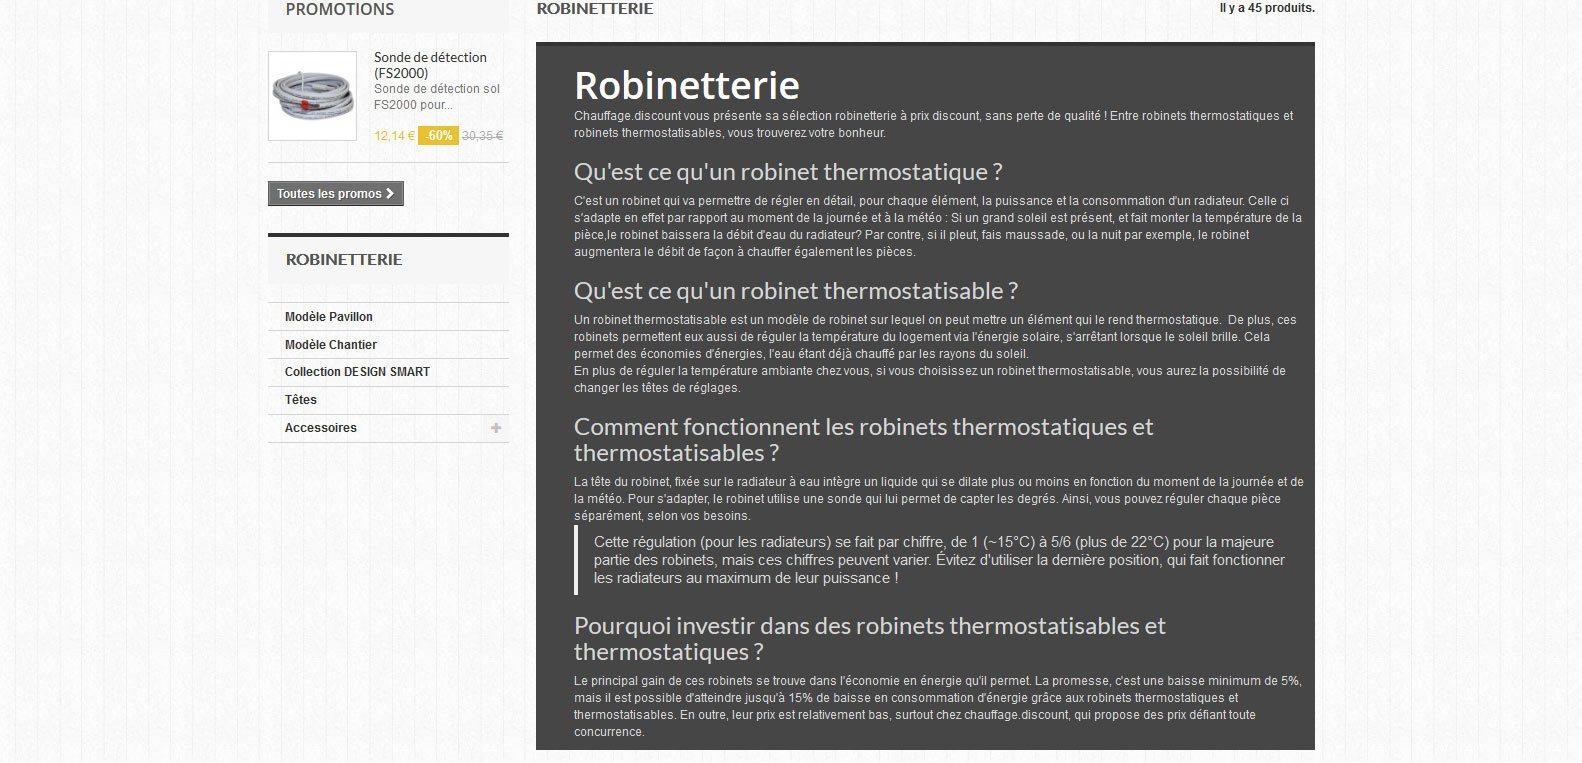 Plus d'informations sur la robinetterie chauffage discount. Client Karedess agency, agence web depuis 2006 à Mulhouse